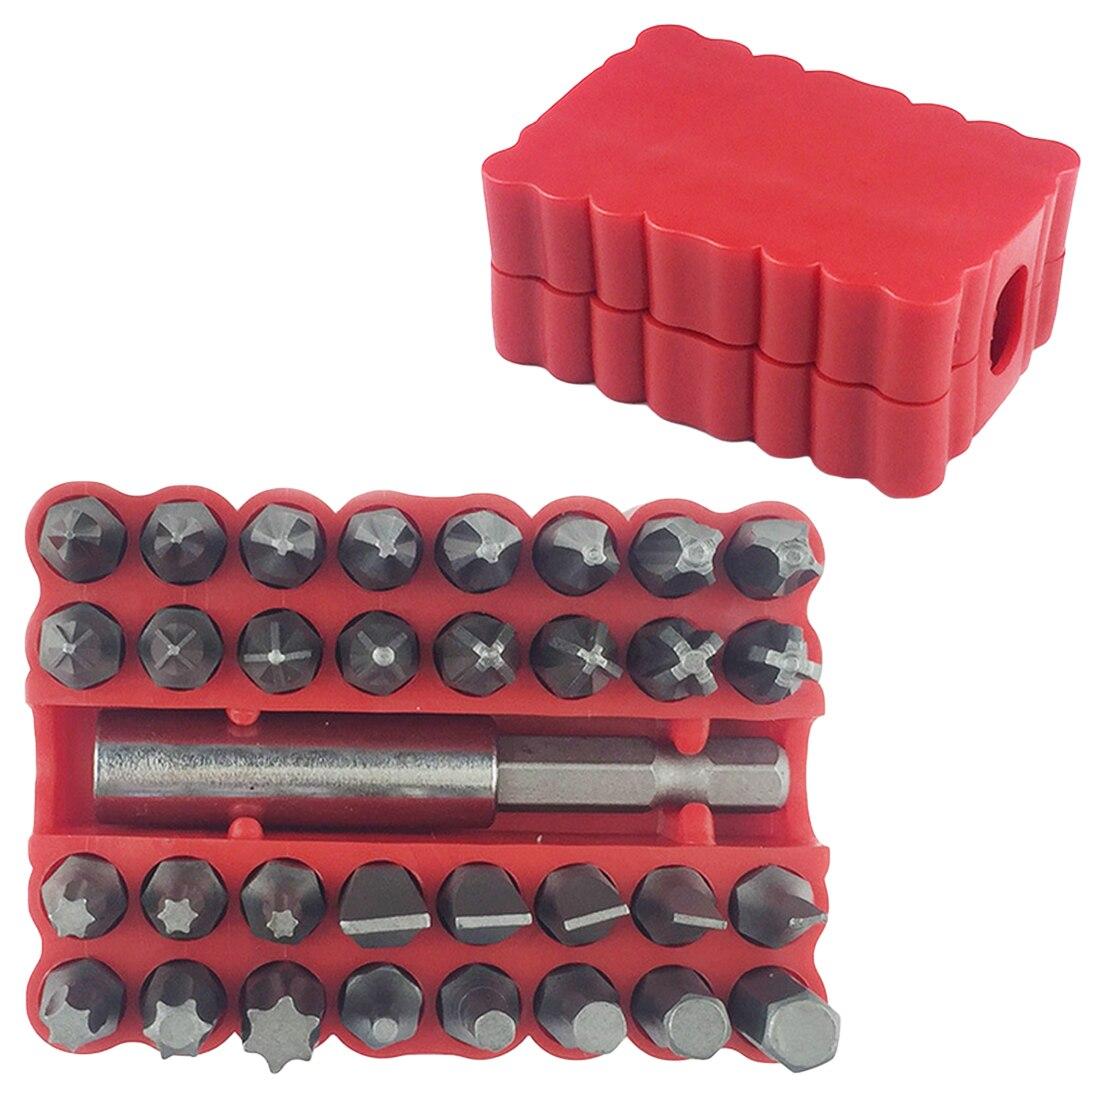 33 шт. набор защитных наконечников Torx Hex Star, гаечный ключ, отвертка, наконечник, набор ручных инструментов, хром-ванадиевая сталь